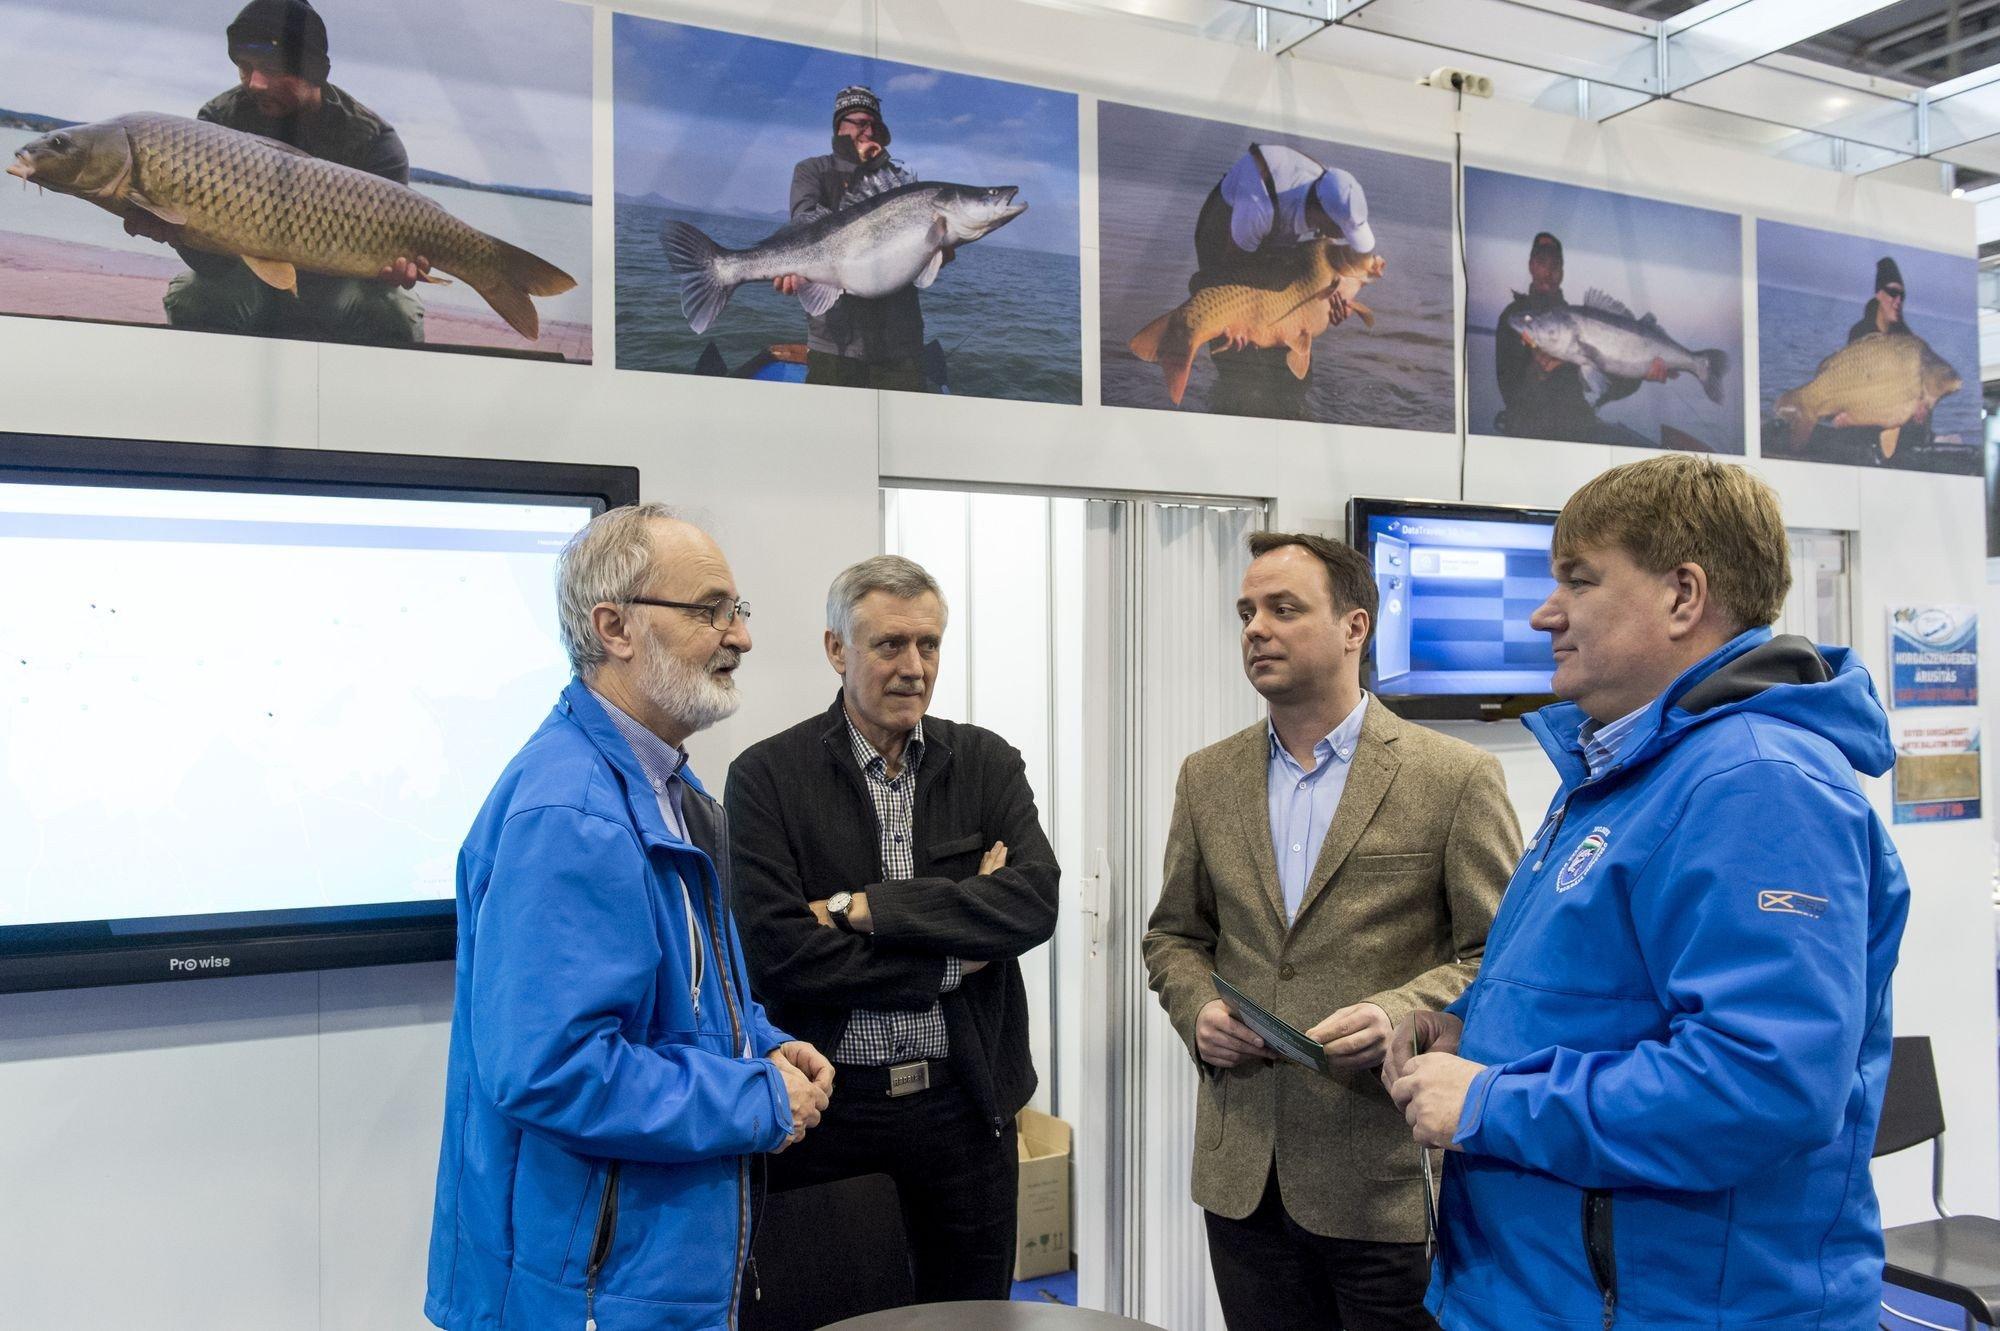 Onlie kérdőívben várják a horgászok véleményét a horgászat jövőjéről